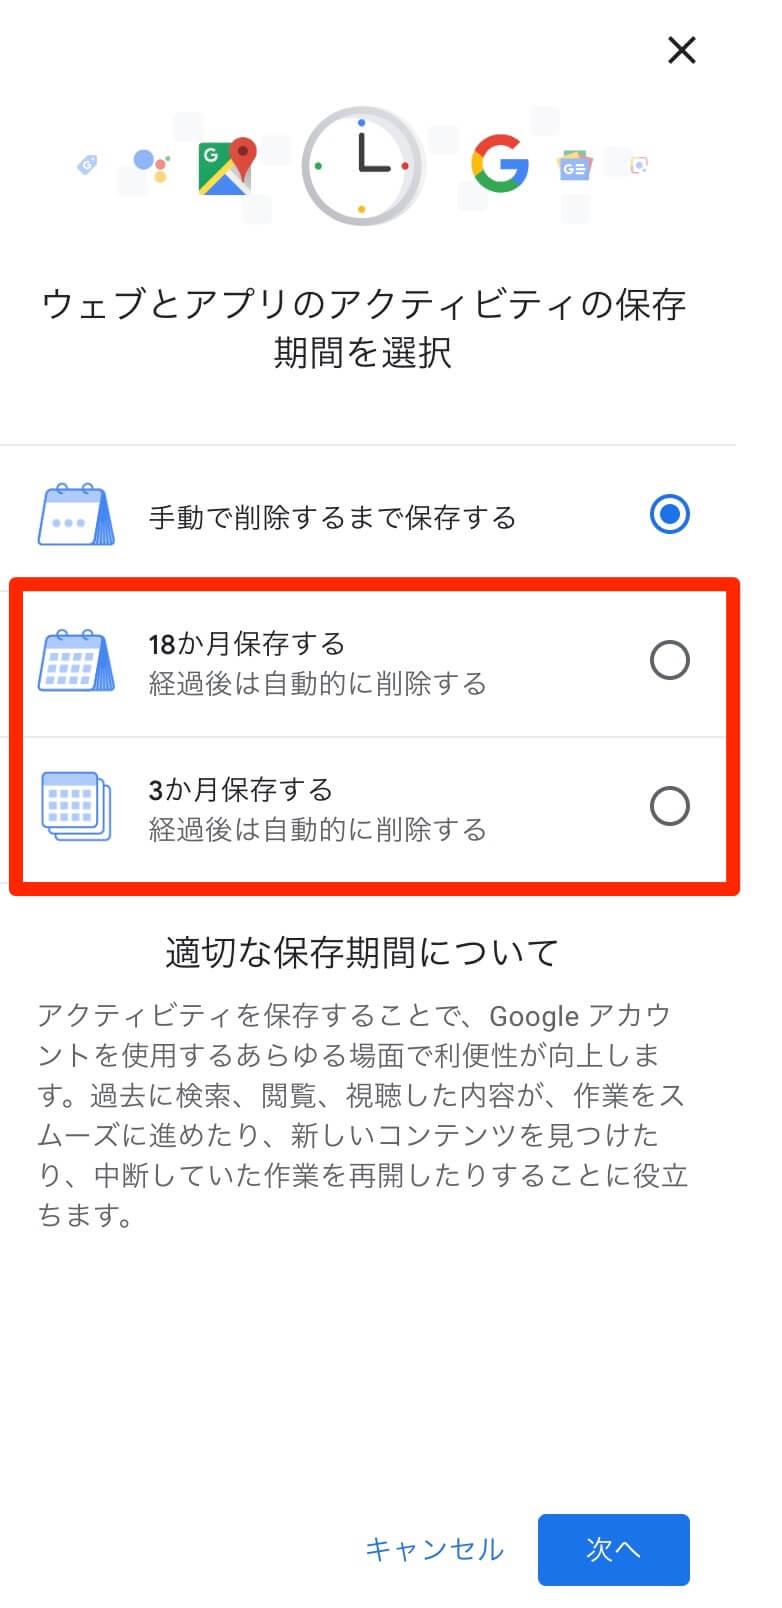 履歴 グーグル 削除 マップ